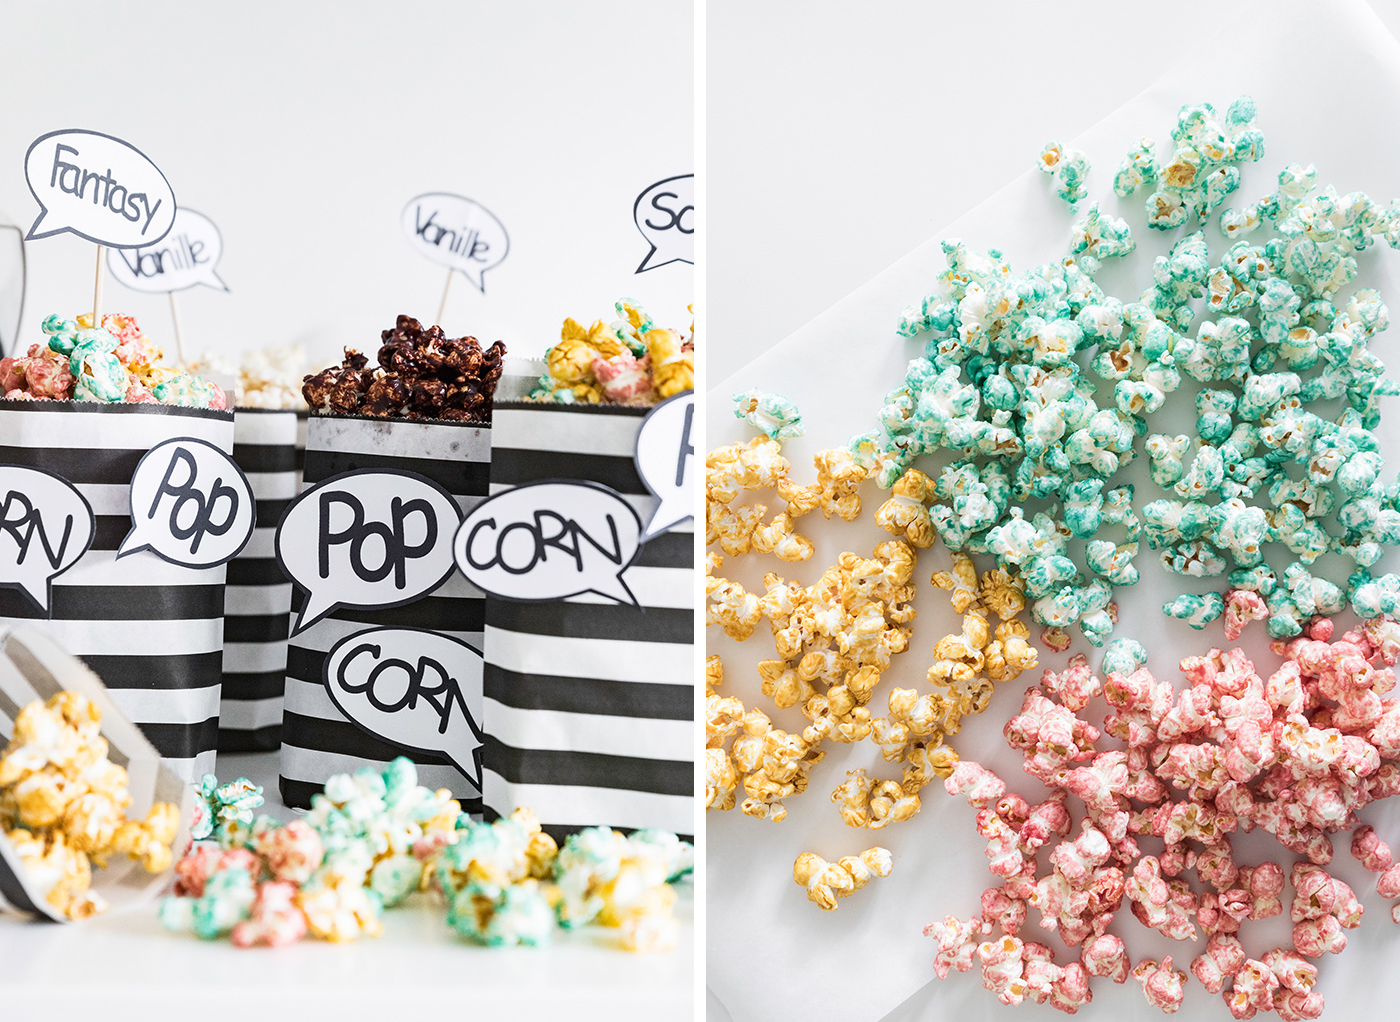 Popcorn selber machen - buntes Popcorn